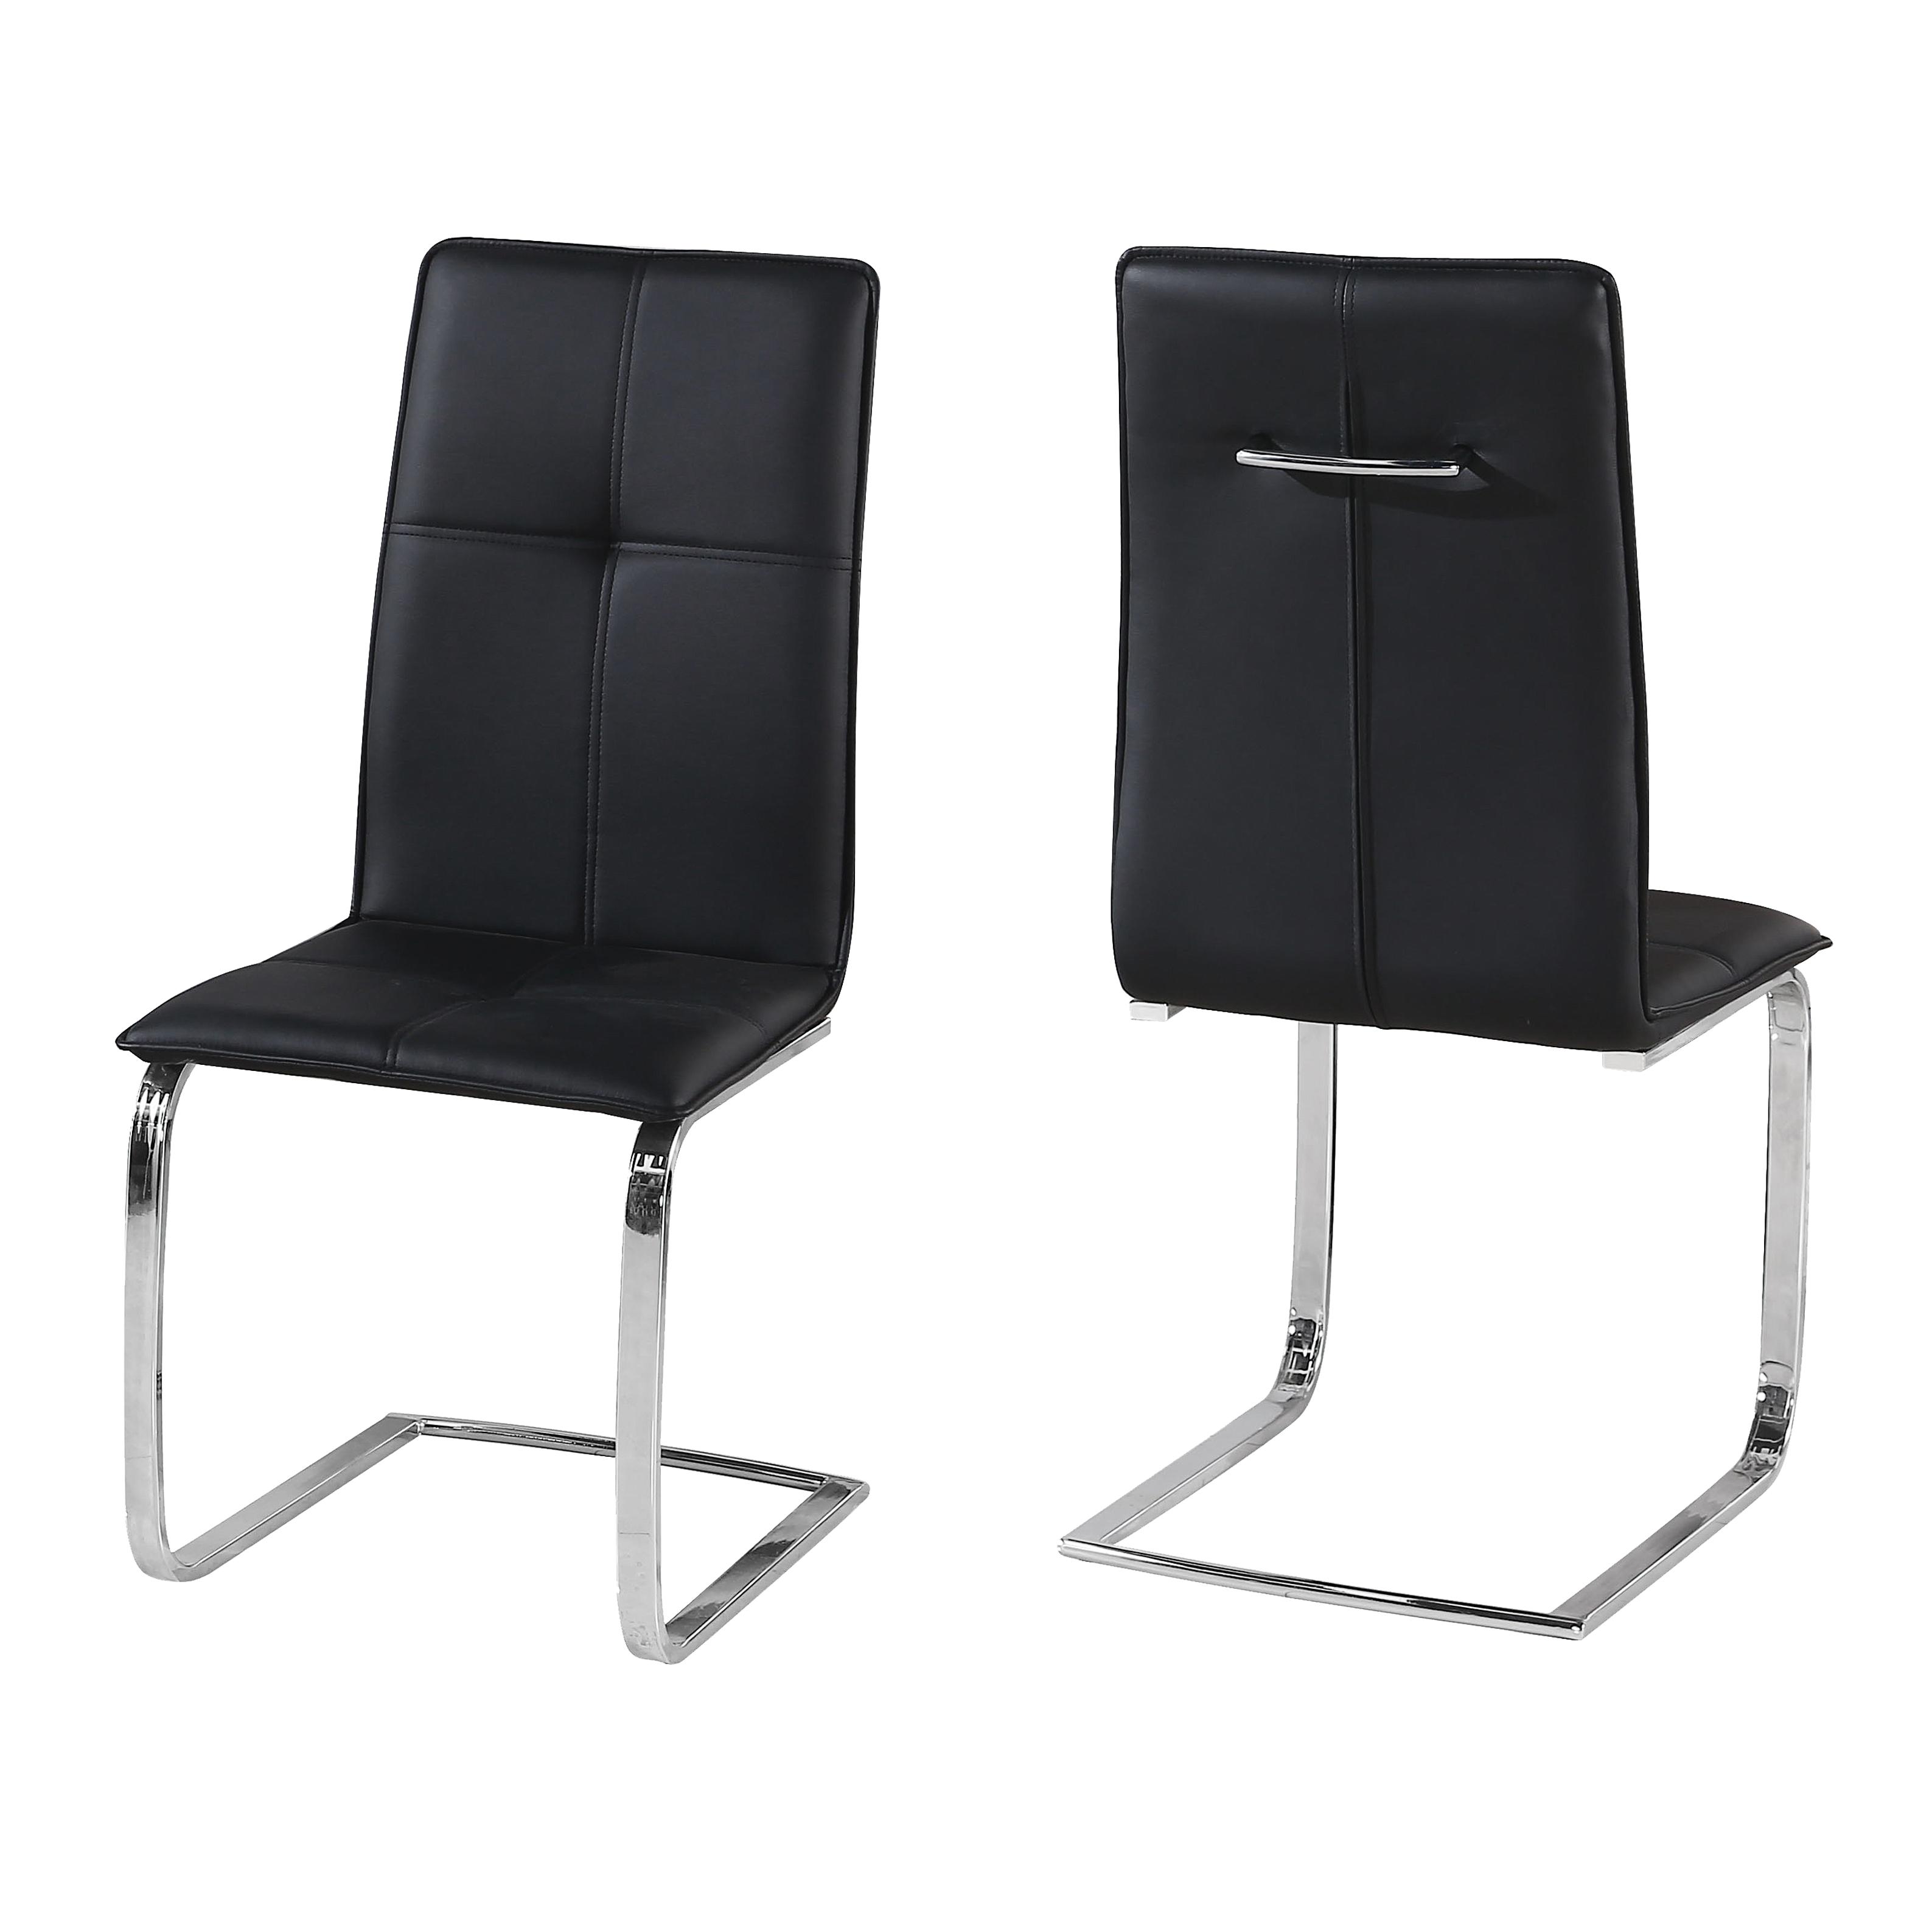 Opus Chair Black (Pack of 2)